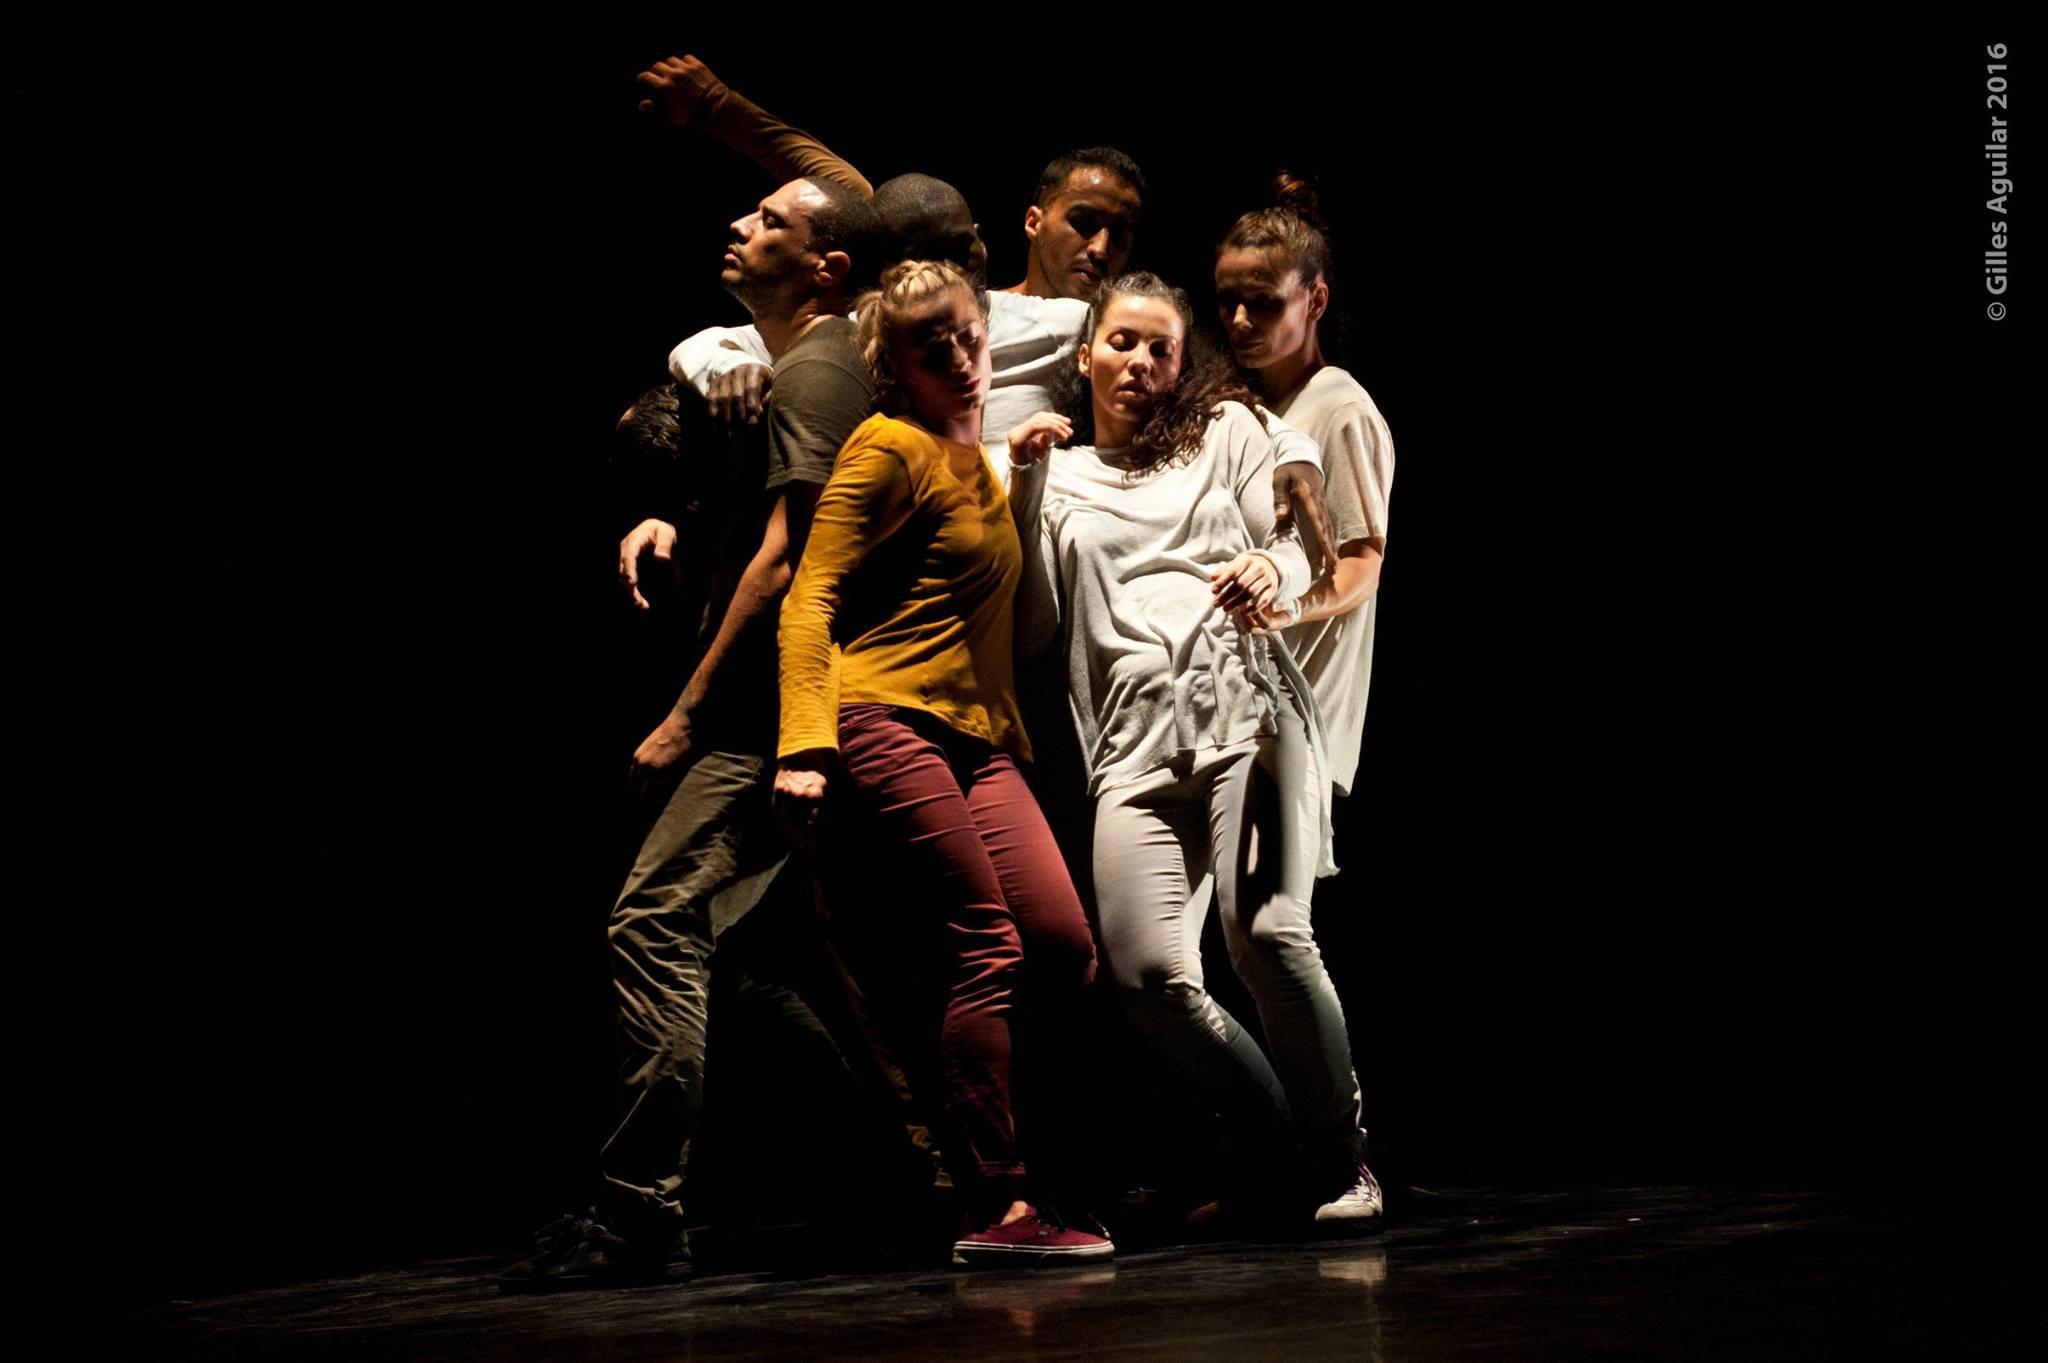 Image 3  Julie Cherki  Résistances 3 Cie Stylistik à Karavel.jpg